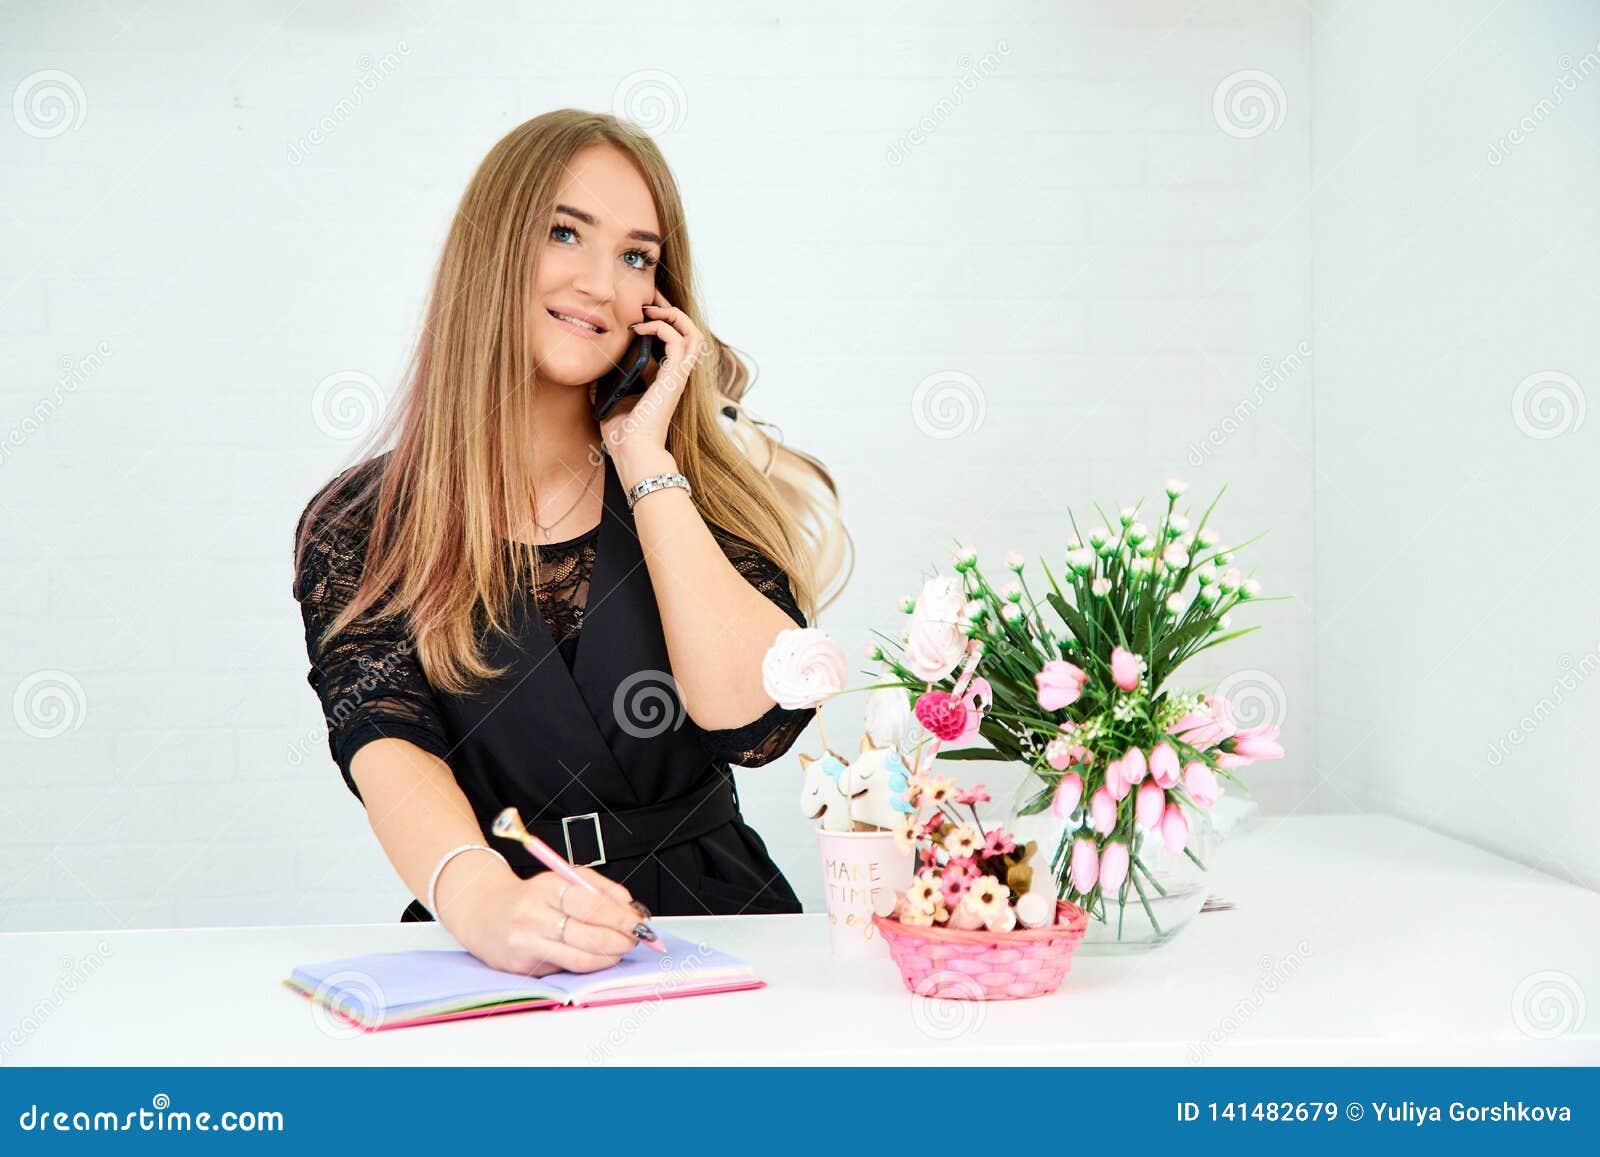 La bella ragazza europea prende una chiamata sul telefono e scrive in un taccuino su un fondo bianco Vicino sono i fiori e